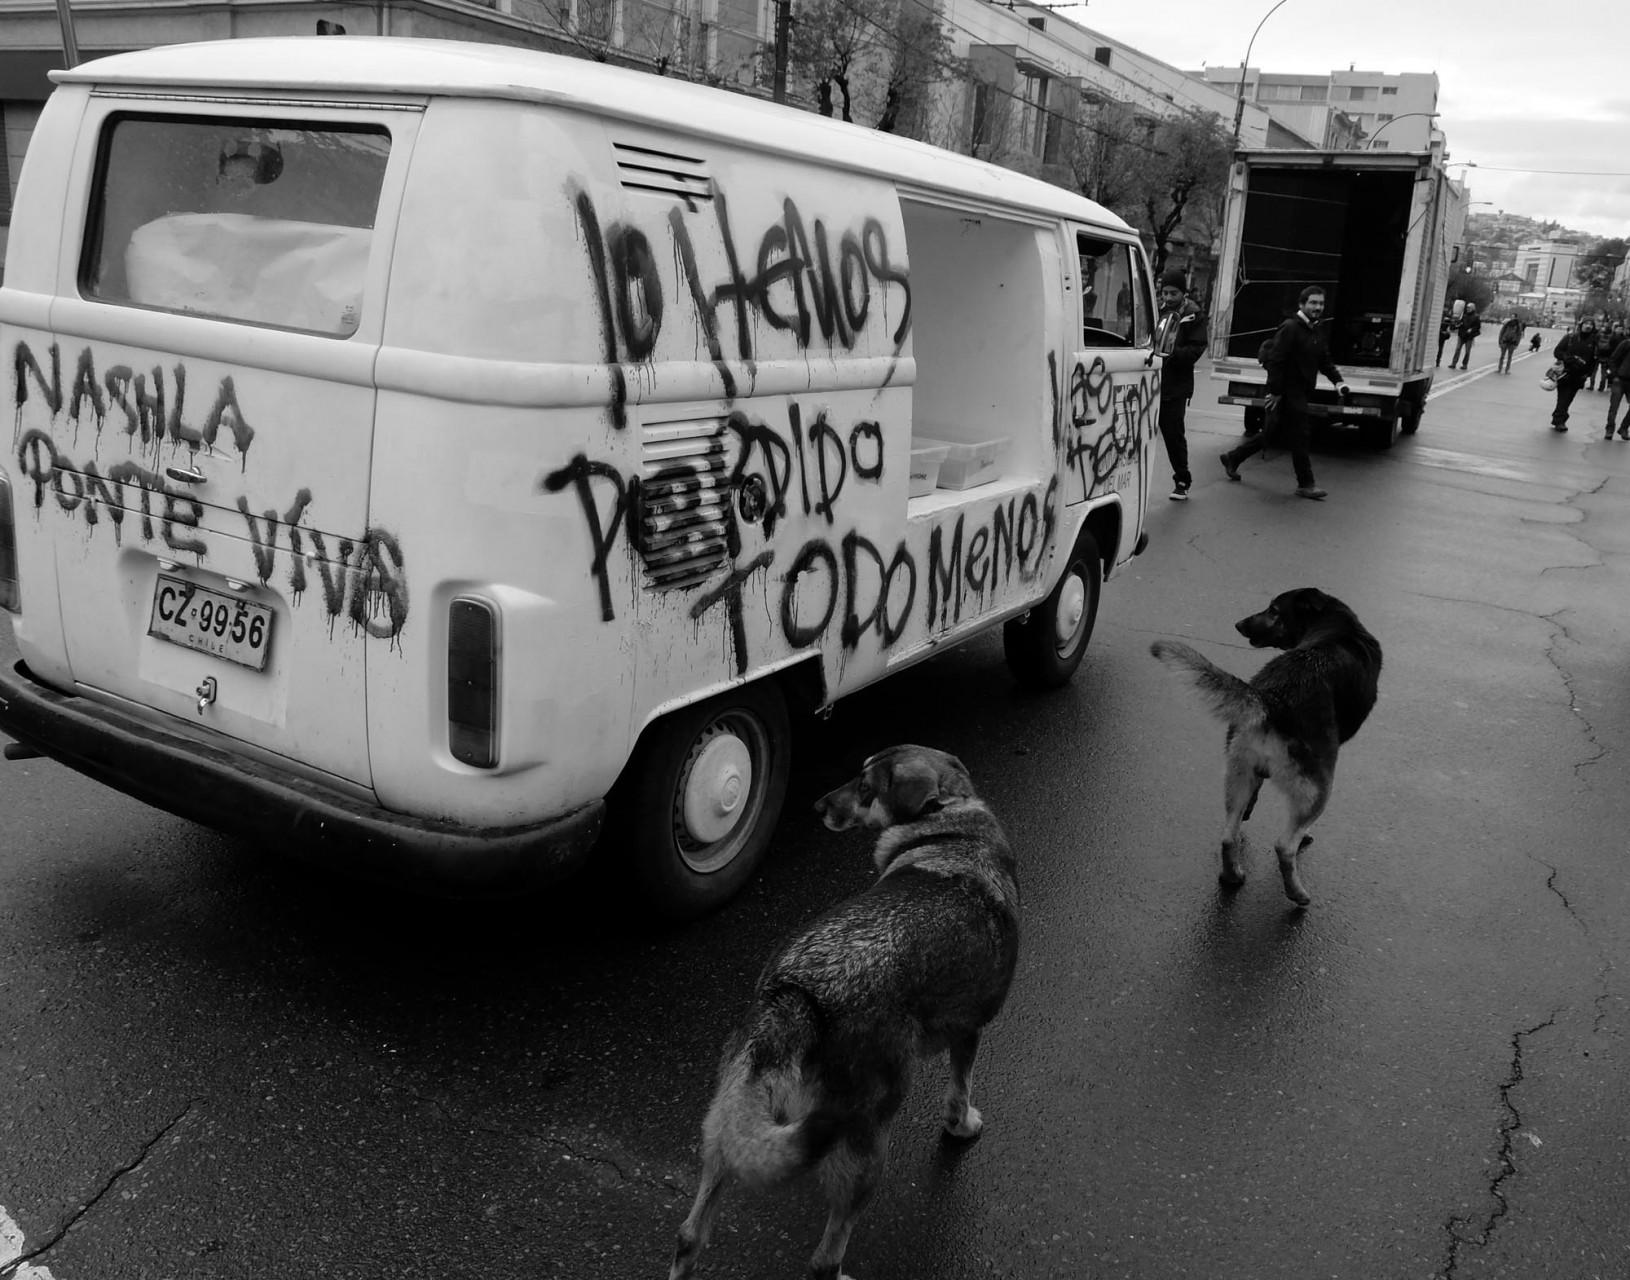 Un vehículo llama la atención: es parte de la obra artística en la que se quemaron miles de pagarés de la Universidad del Mar.